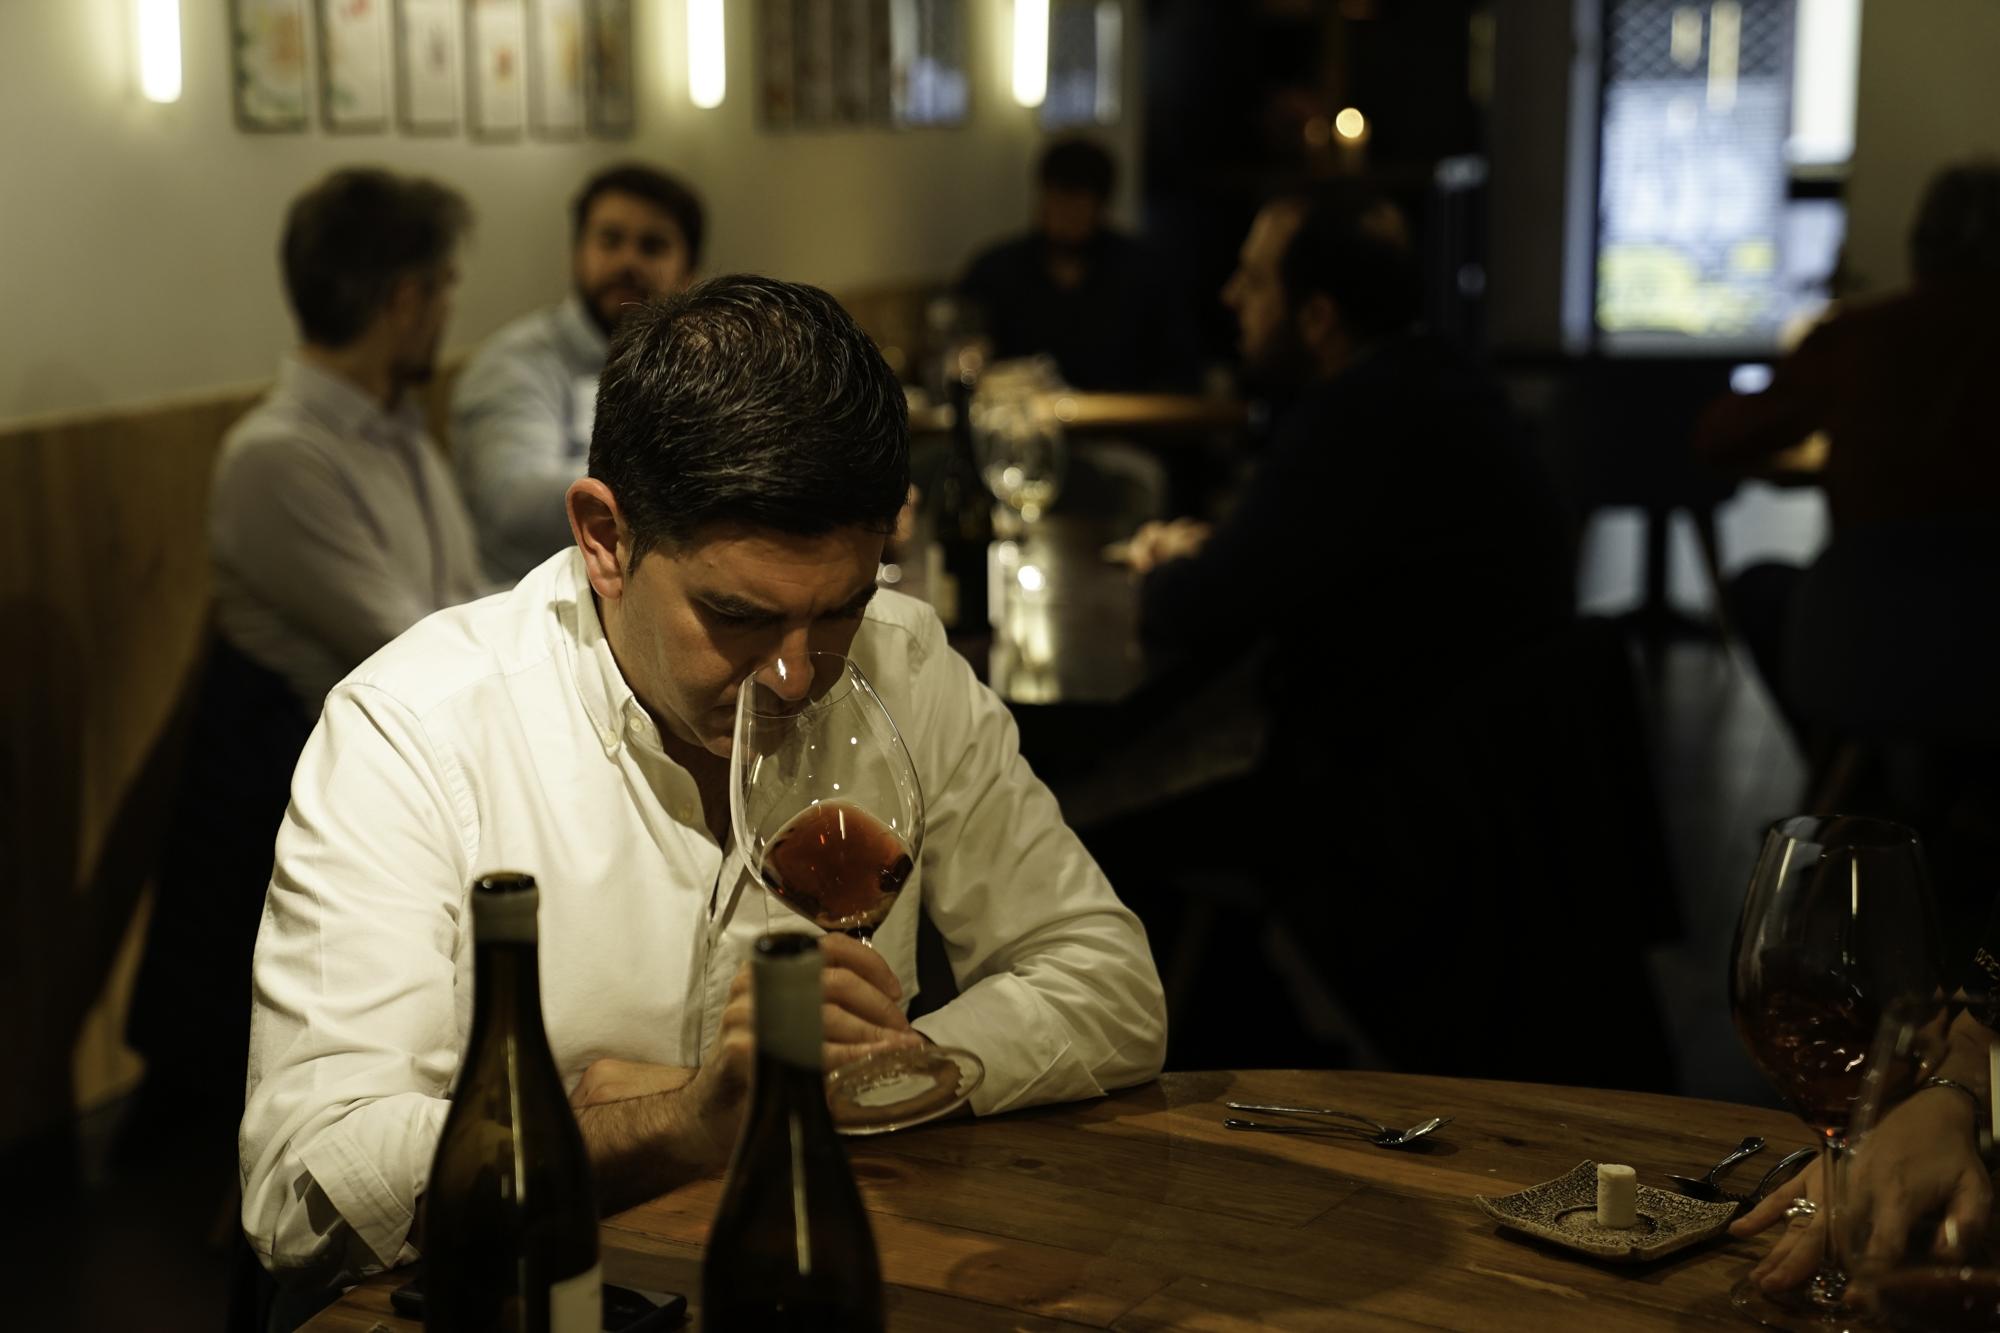 Además de la sabrosa comida, se puede elegir entre casi 90 referencias de vinos.